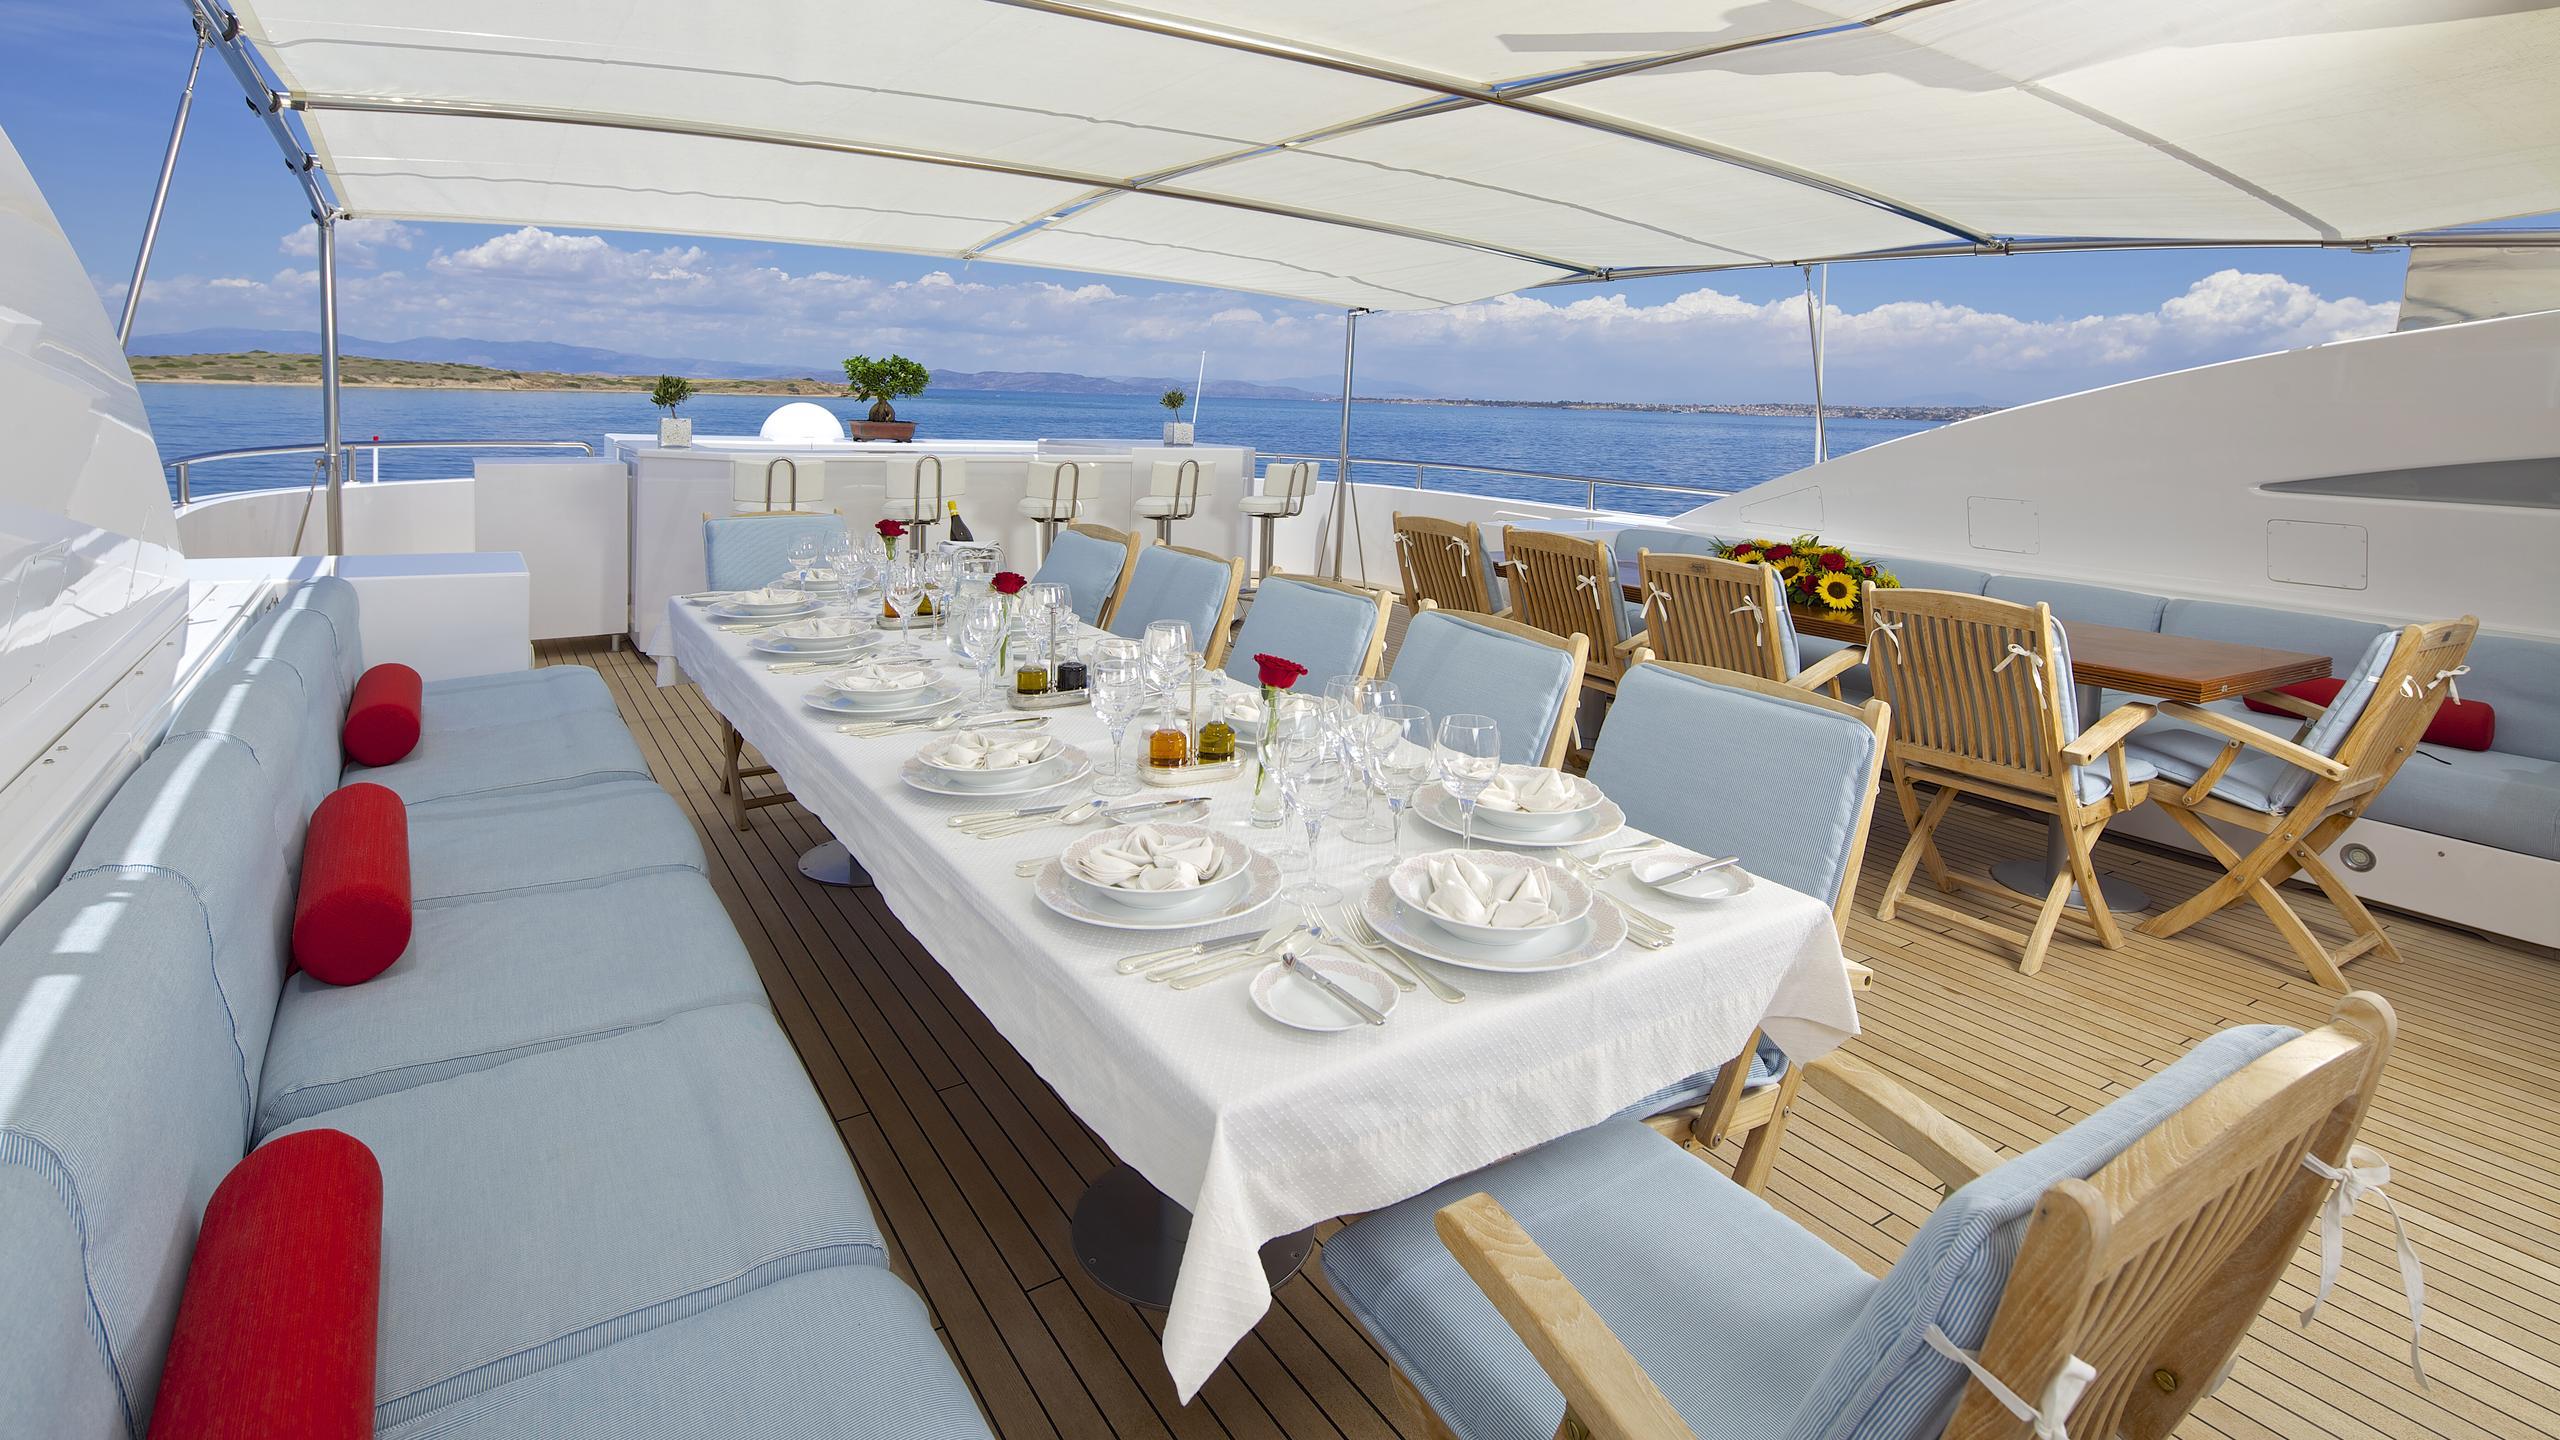 oceanos-yacht-fly-deck-dining